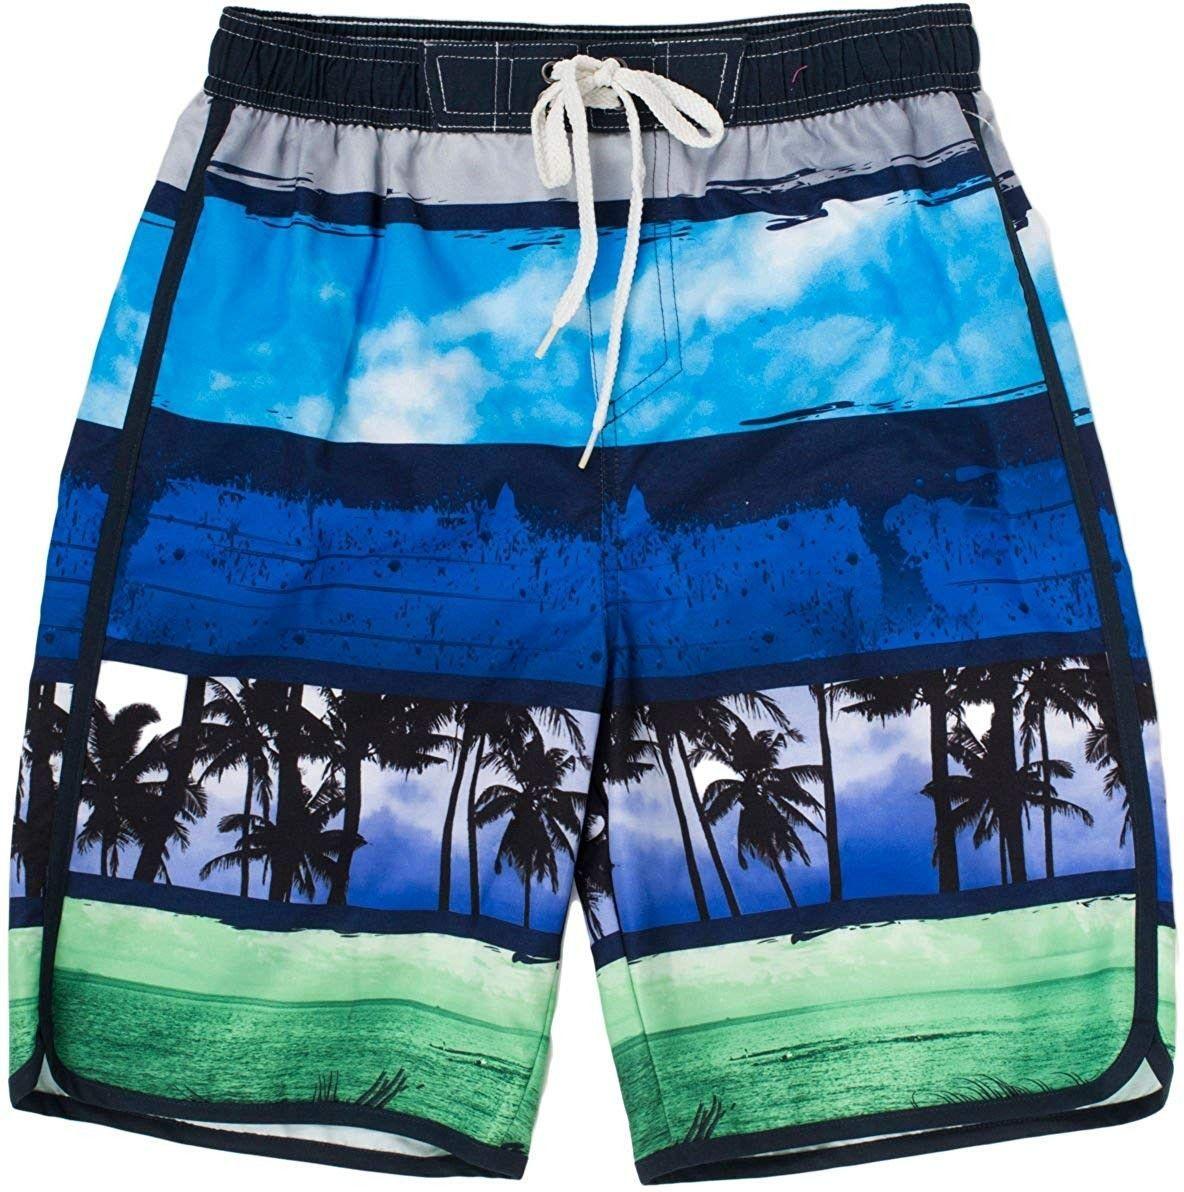 #CK11UK30UKT #FitnessClothesforkids #Kids #navy #swim #Trunks Kid's Swim Trunks - Navy - 4 - CK11UK3...